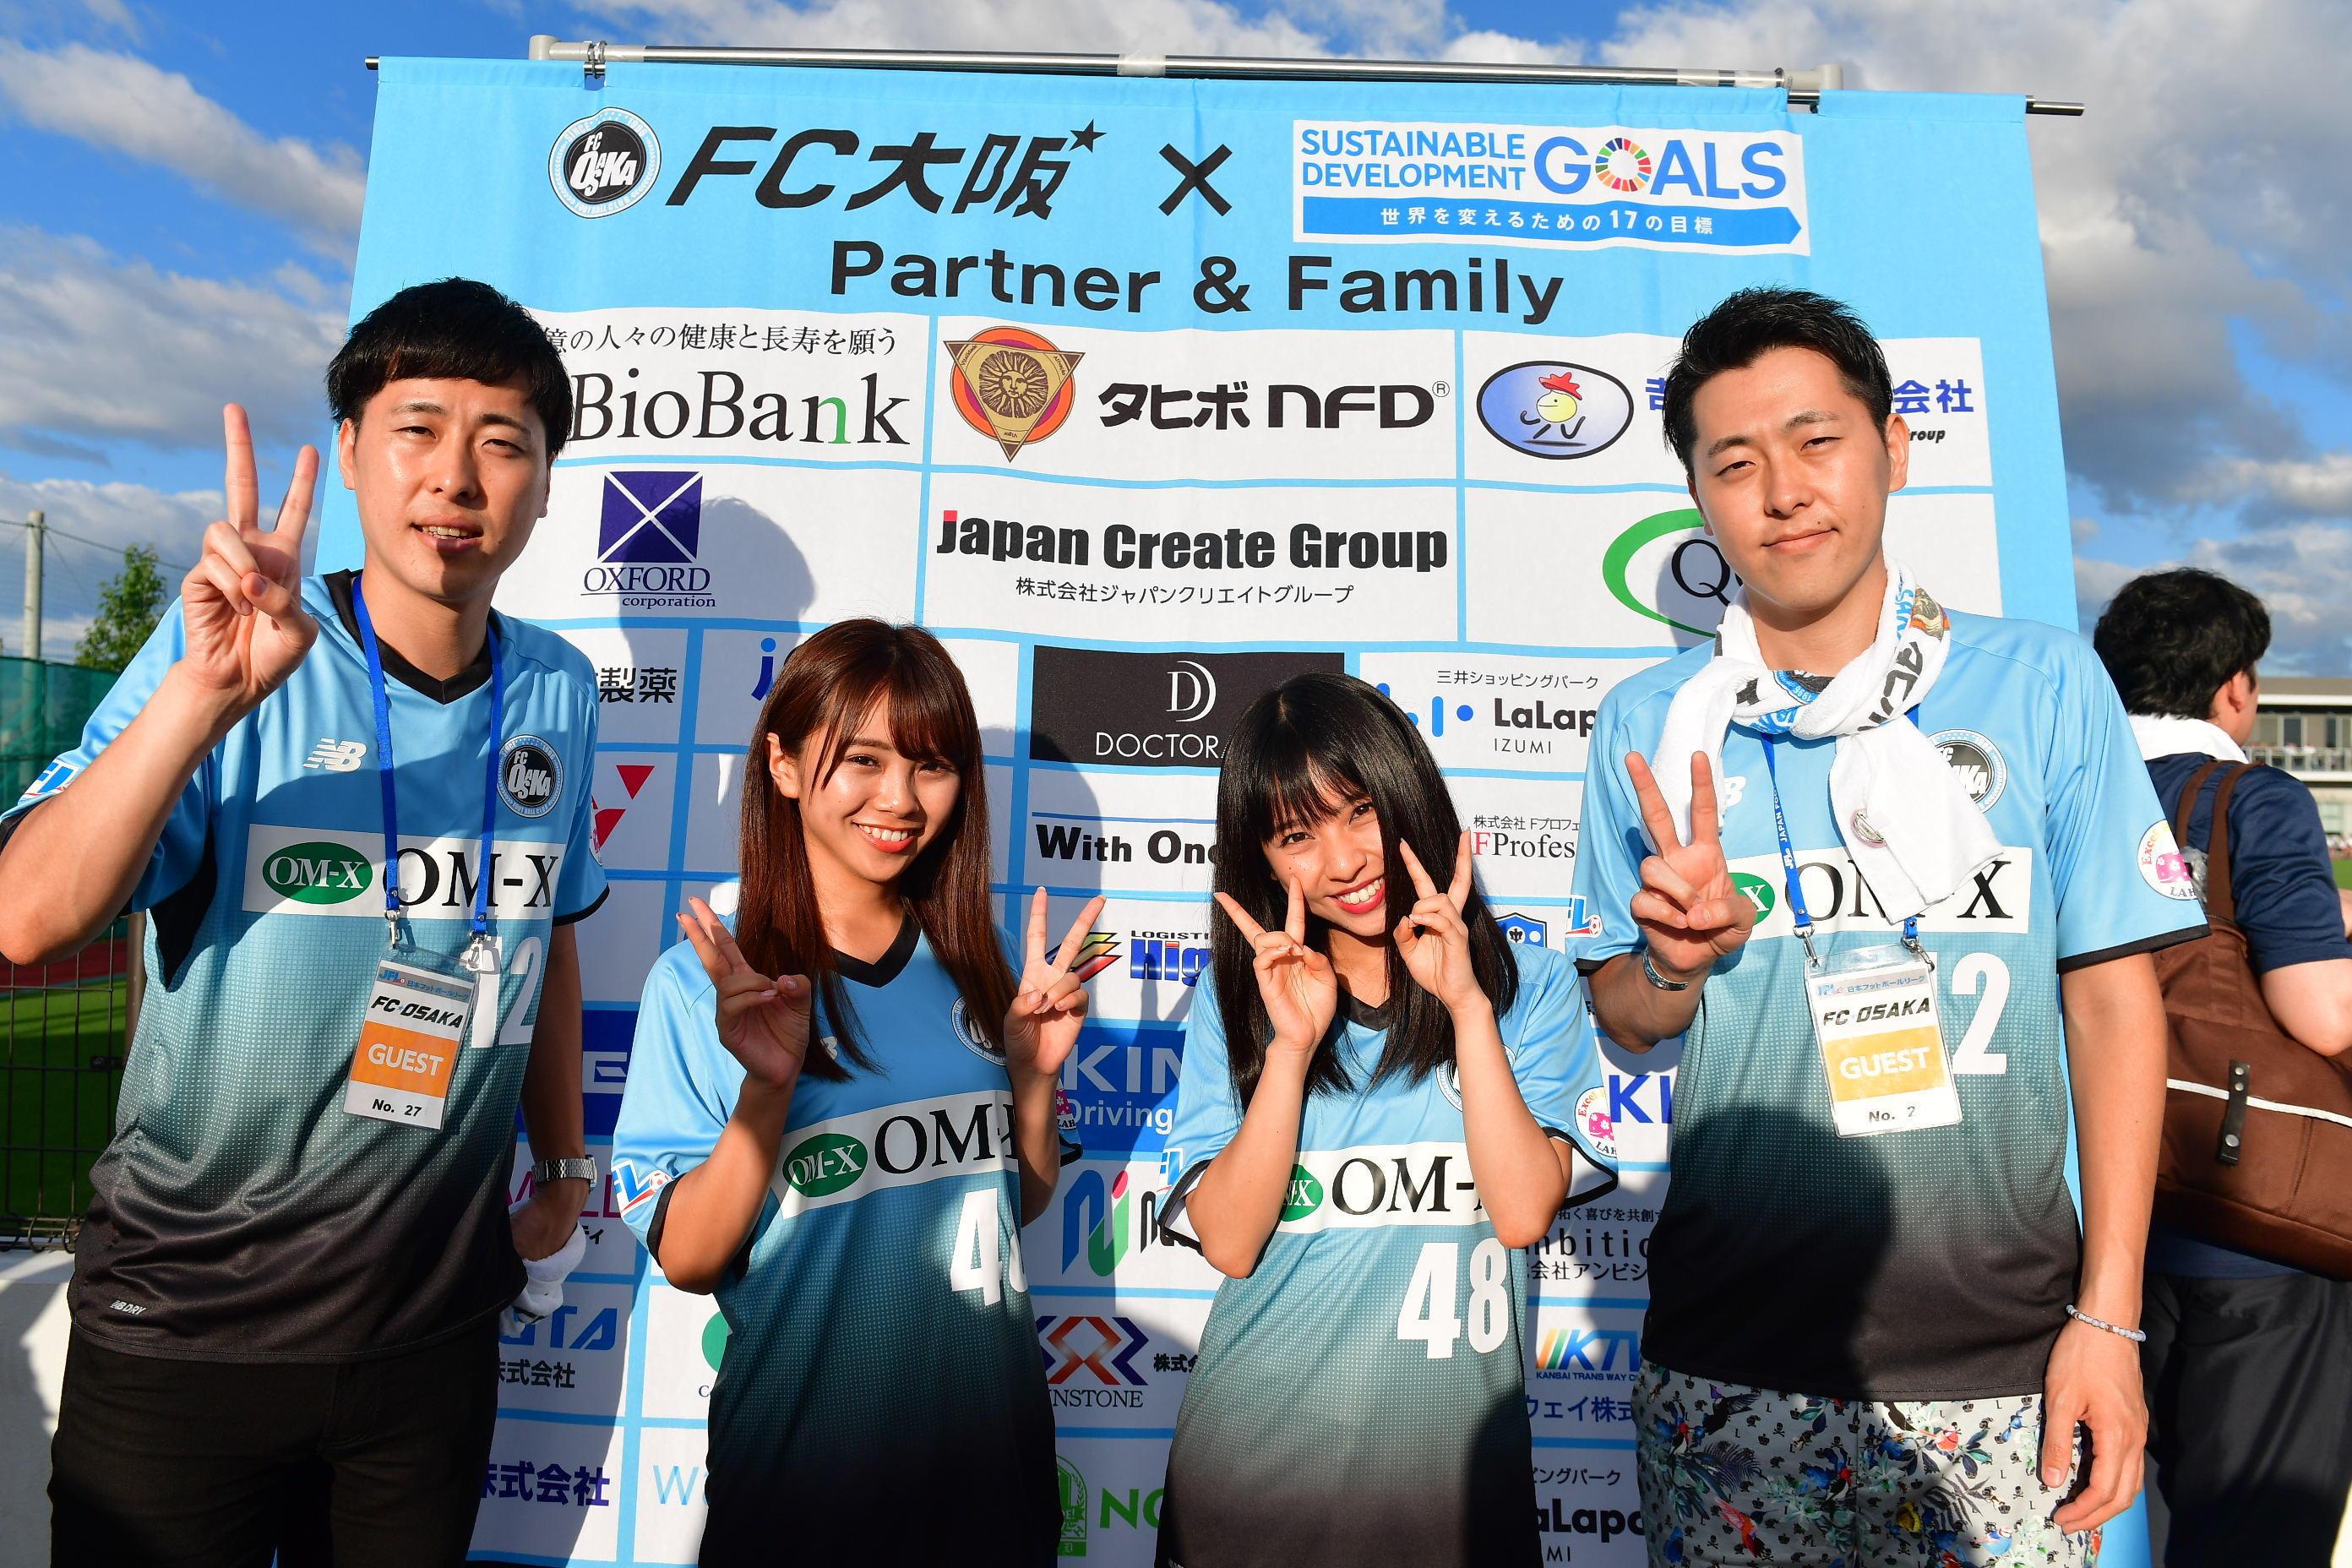 http://news.yoshimoto.co.jp/20180729204353-4014298881f28c0b27b4a063ab53d8bc08d30e50.jpg